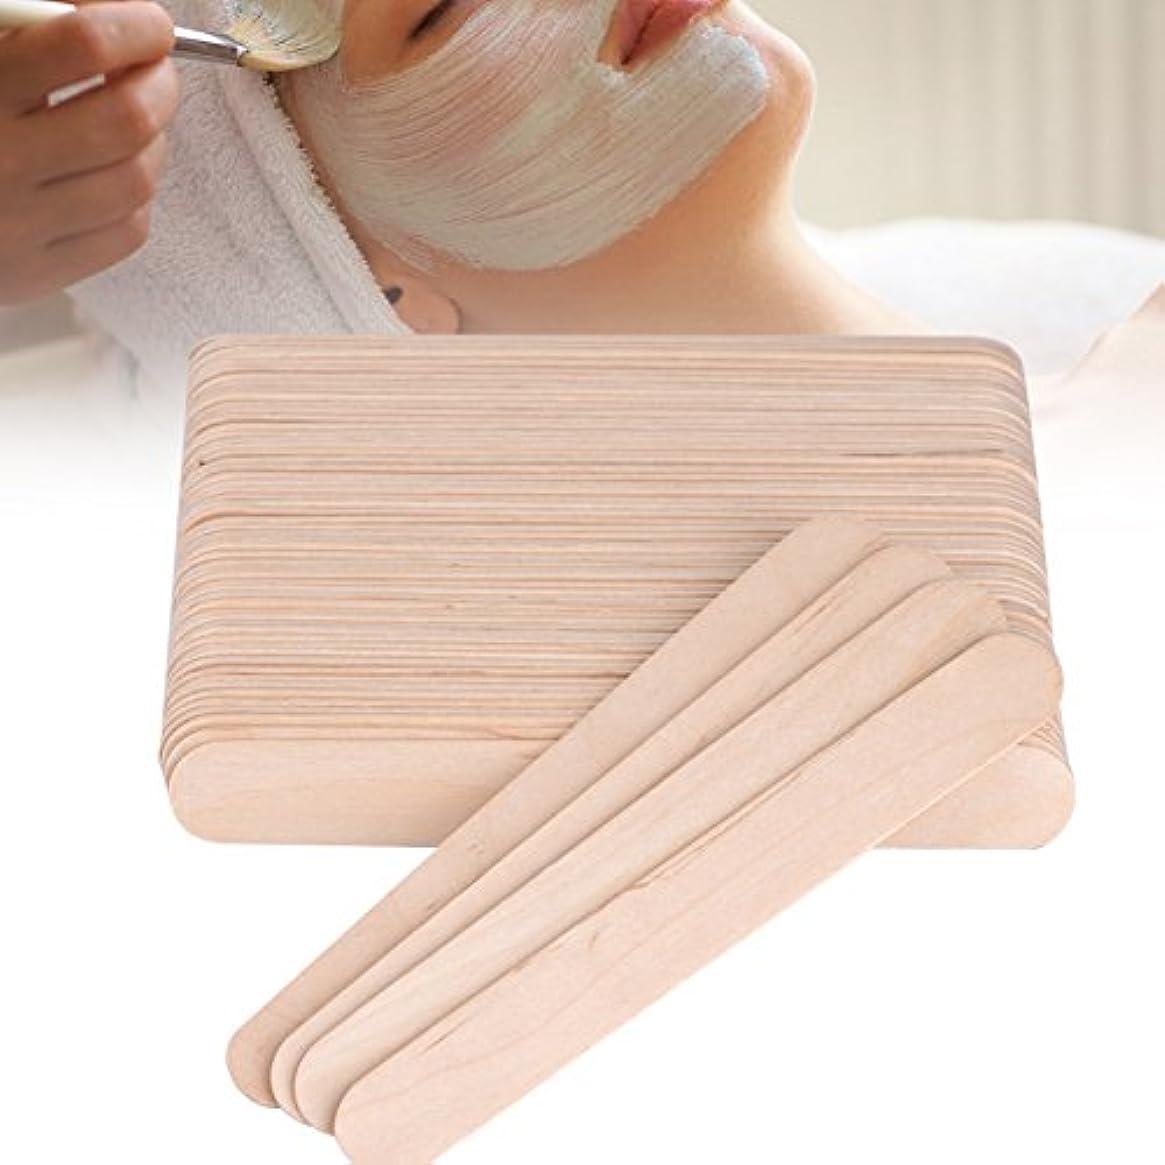 読むゲージ持ってる舌圧子ワックススティックスパチュラアプリケーター木製スパチュラ使い捨て業務用木製 100PCS /バッグ